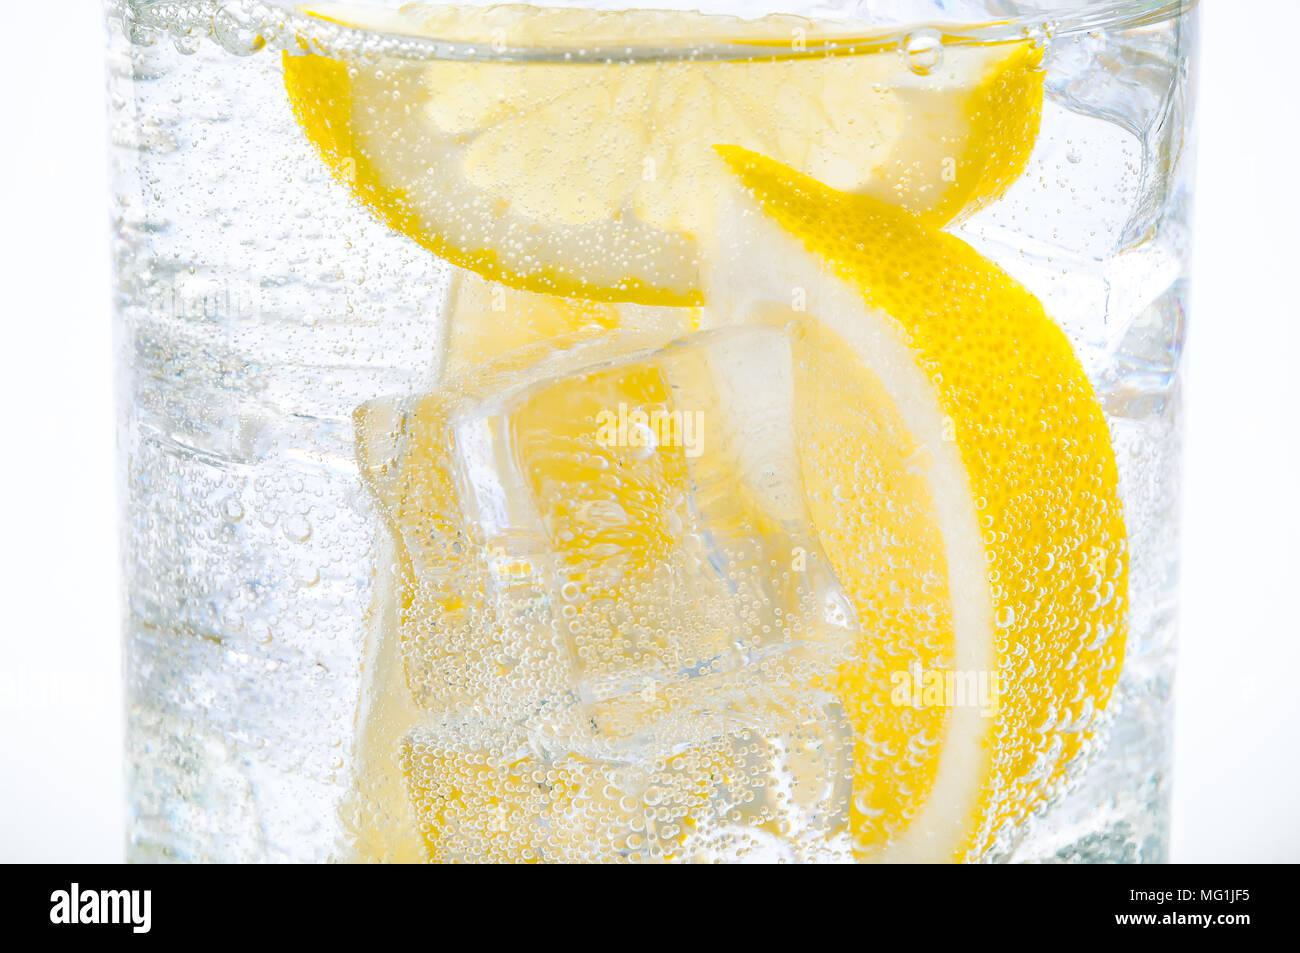 Ghiaccio, le fette di limone e acqua trasparente in un vetro. Immagini Stock